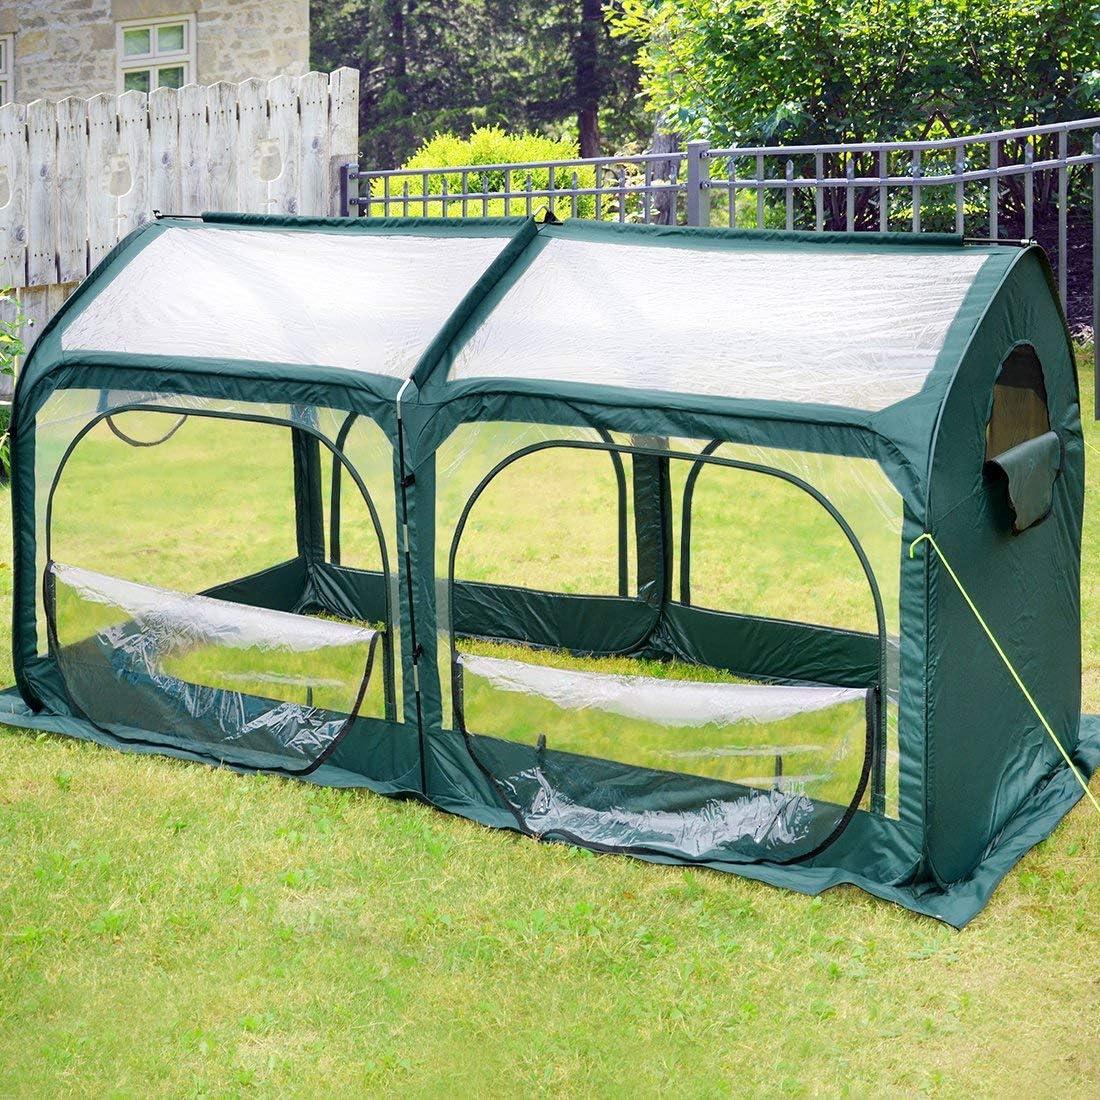 Yipianyun Invernaderos Jardin, Arqueado Tunel Invernadero Huerto Prar Plantas, Gran Espacio Plegable De PVC Transparente, Impermeable De Jardín Vivero Casero Cultivos